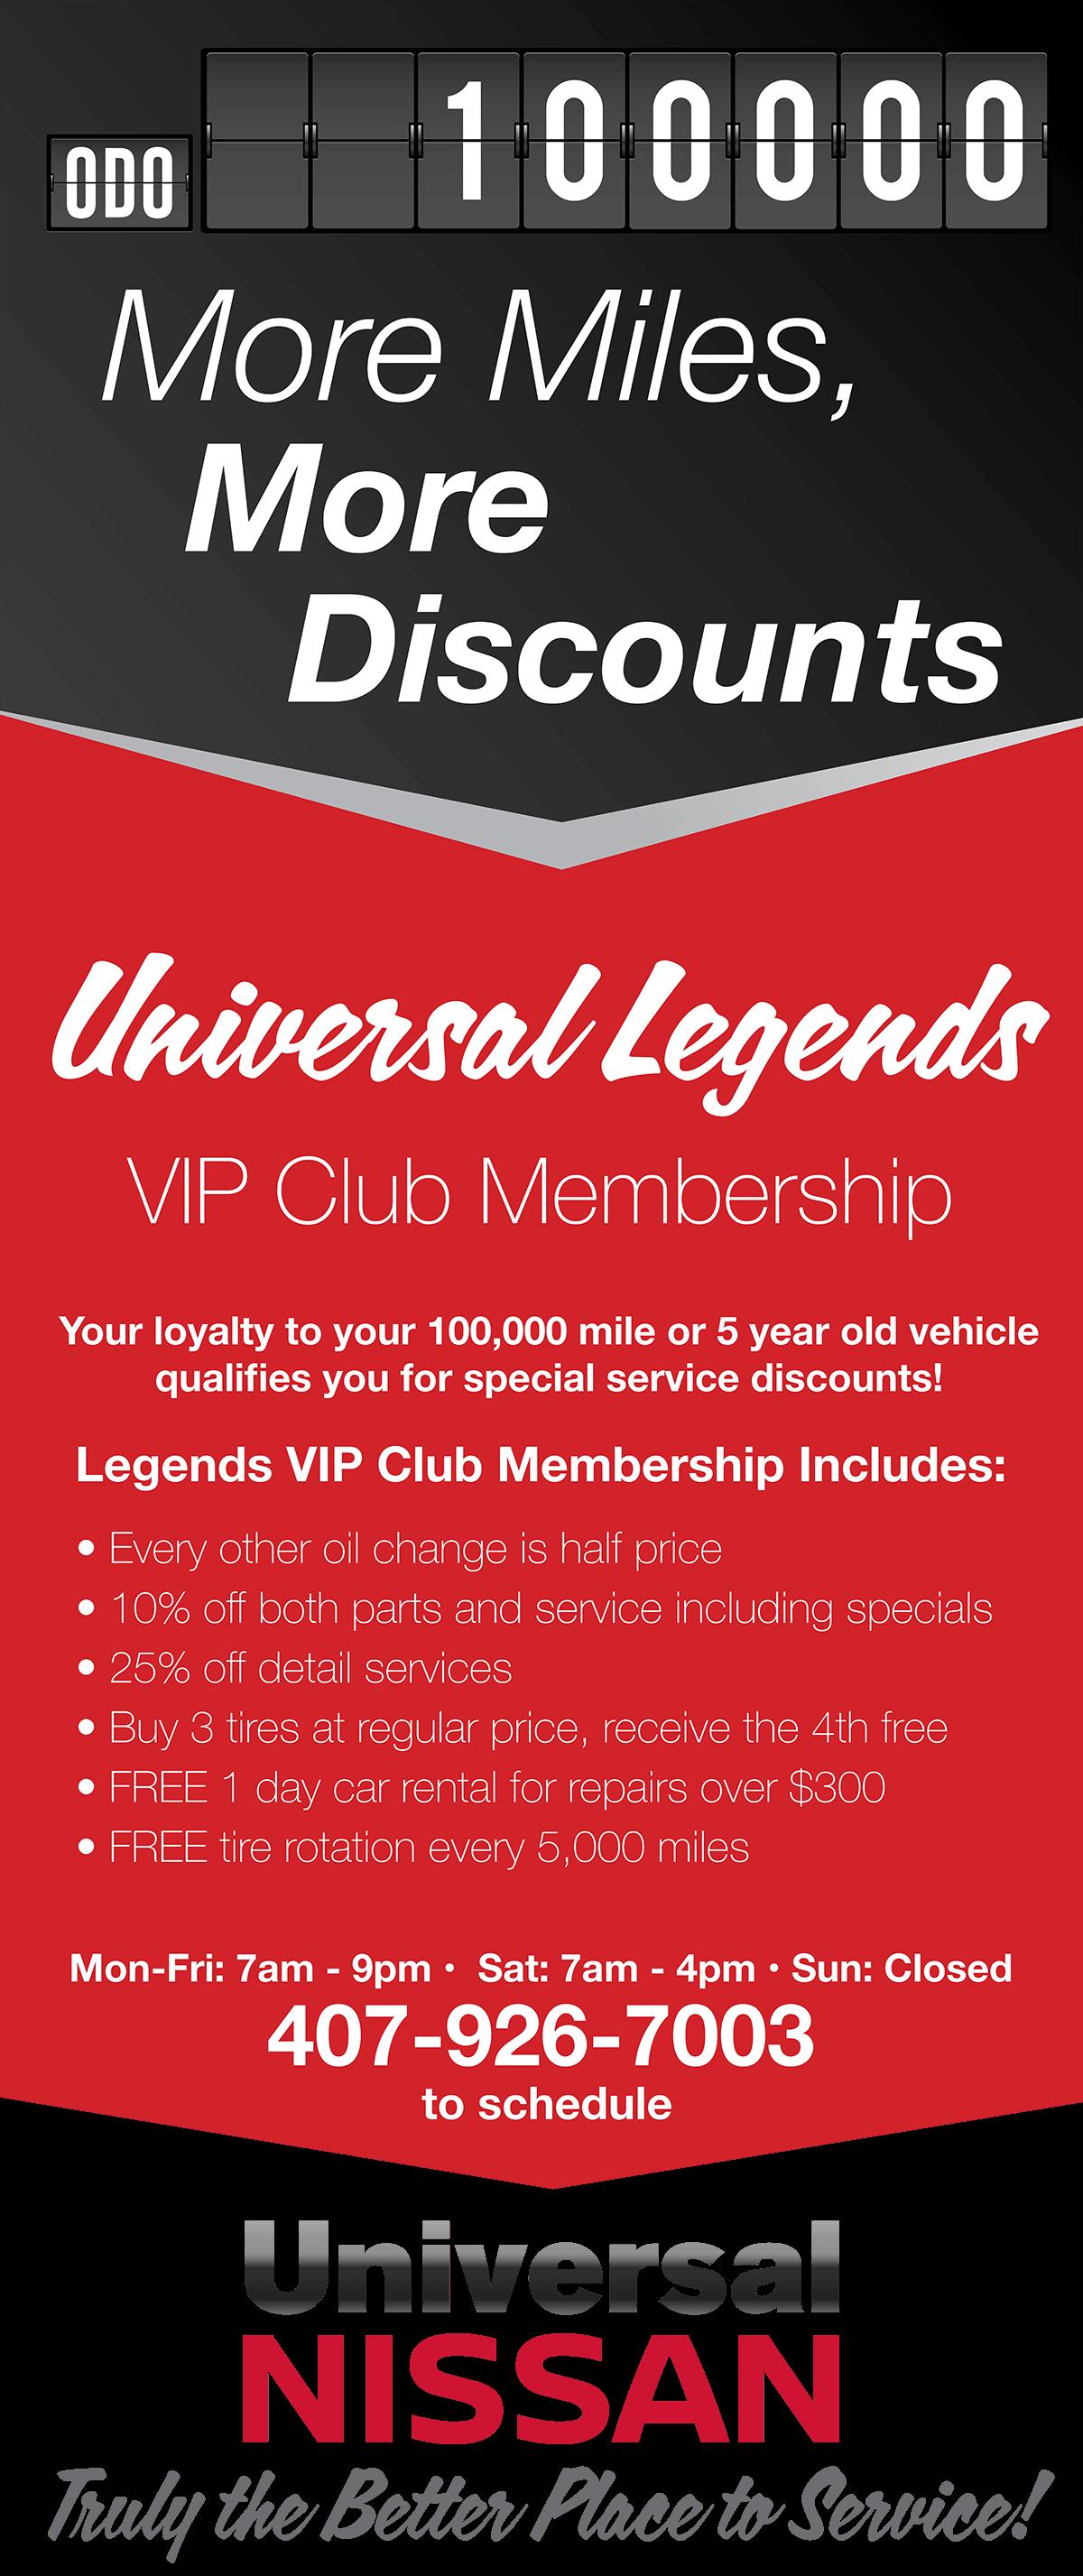 VIP Club Membership